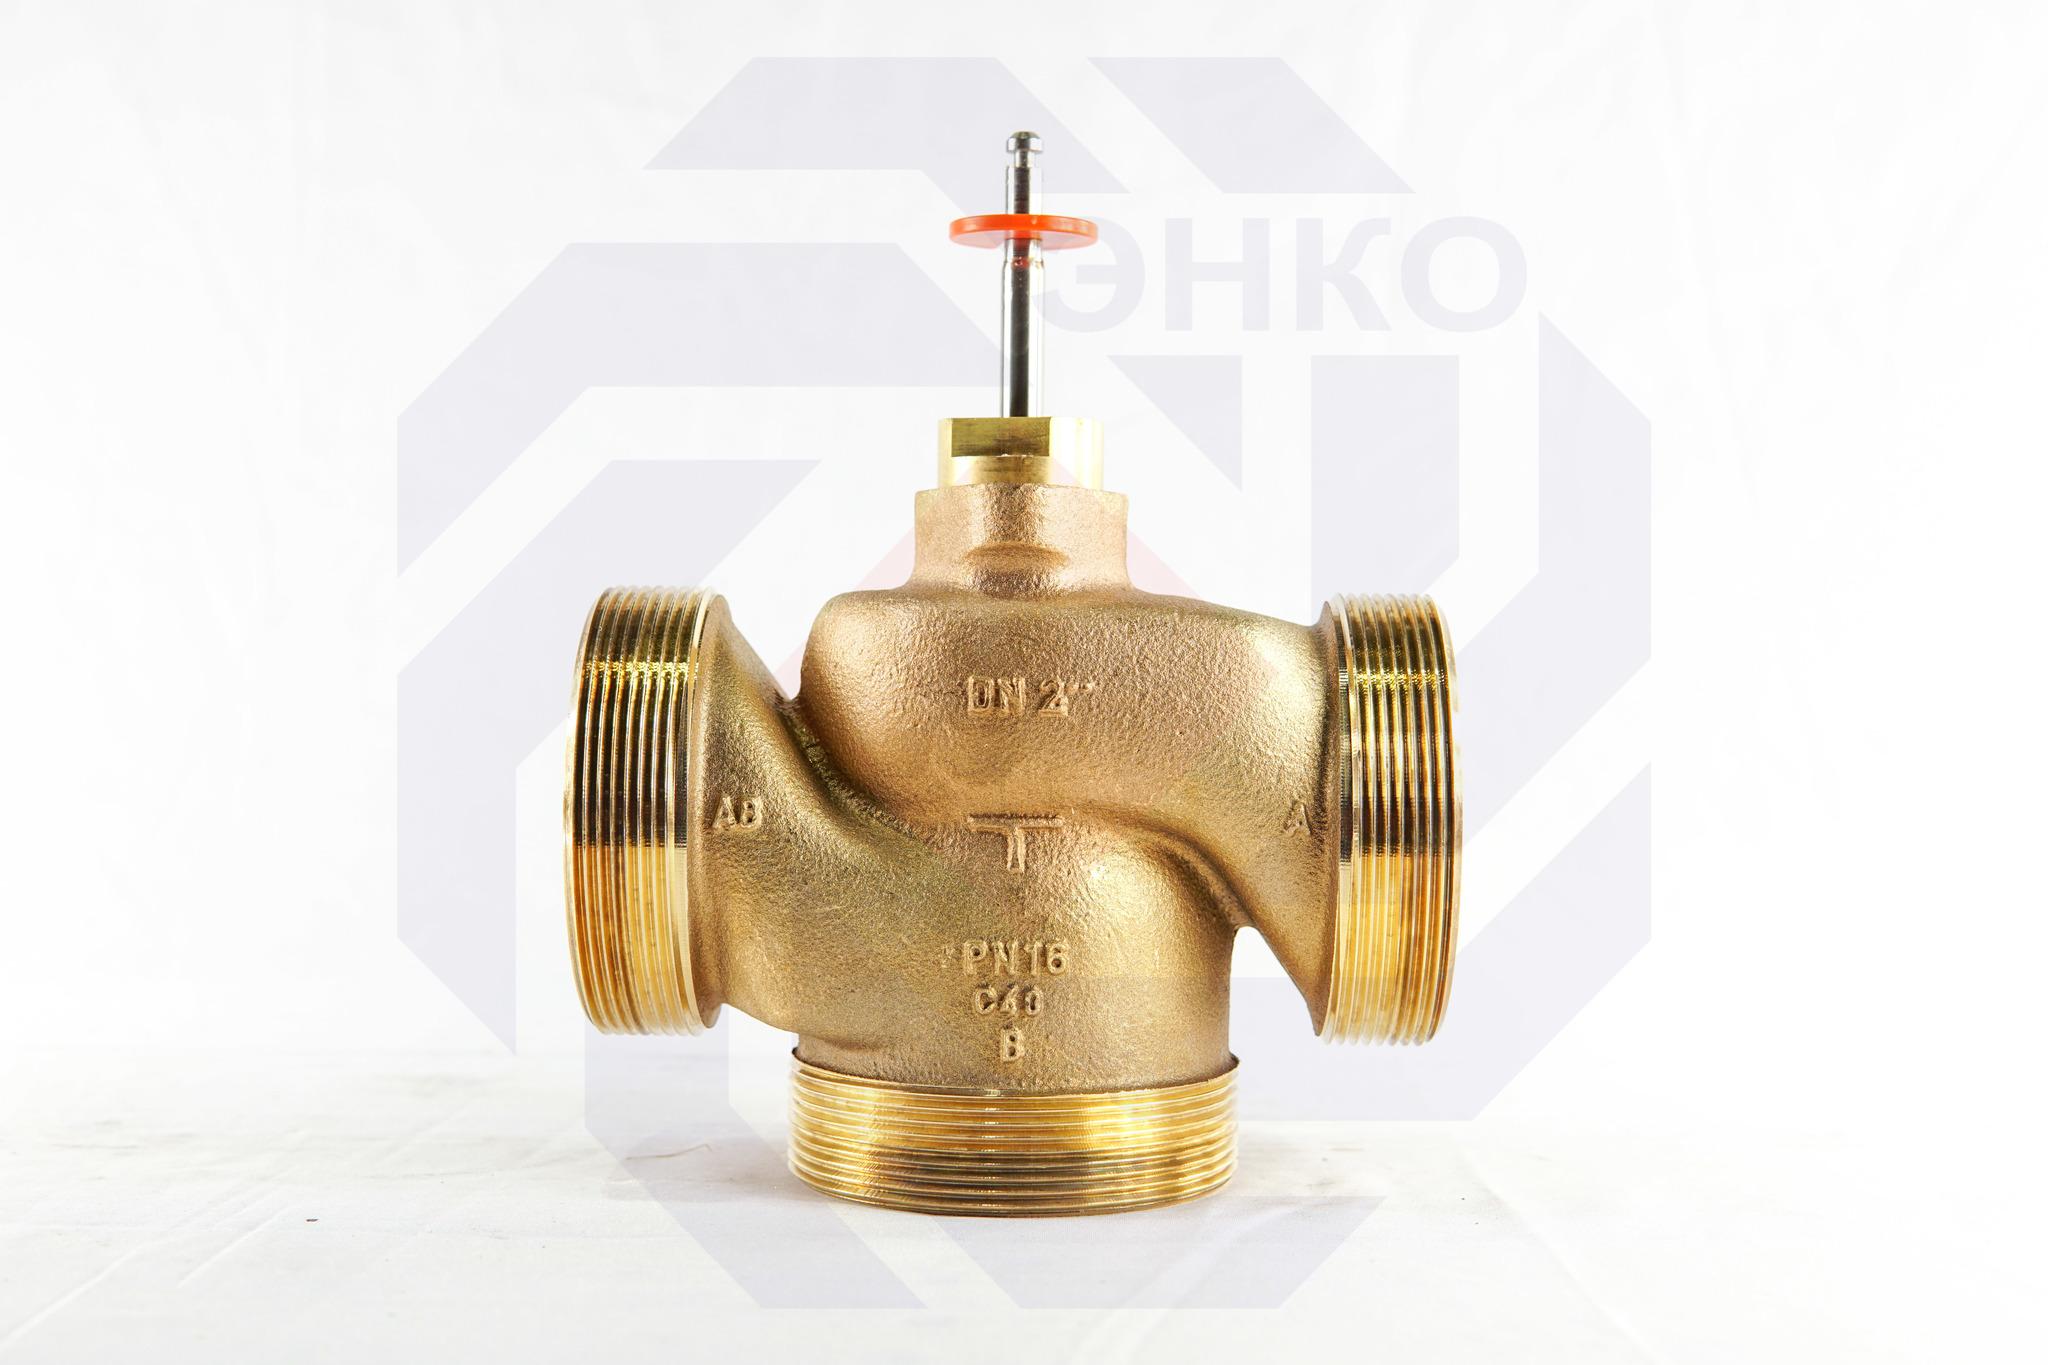 Клапан регулирующий трехходовой IMI CV316 RGA DN 50